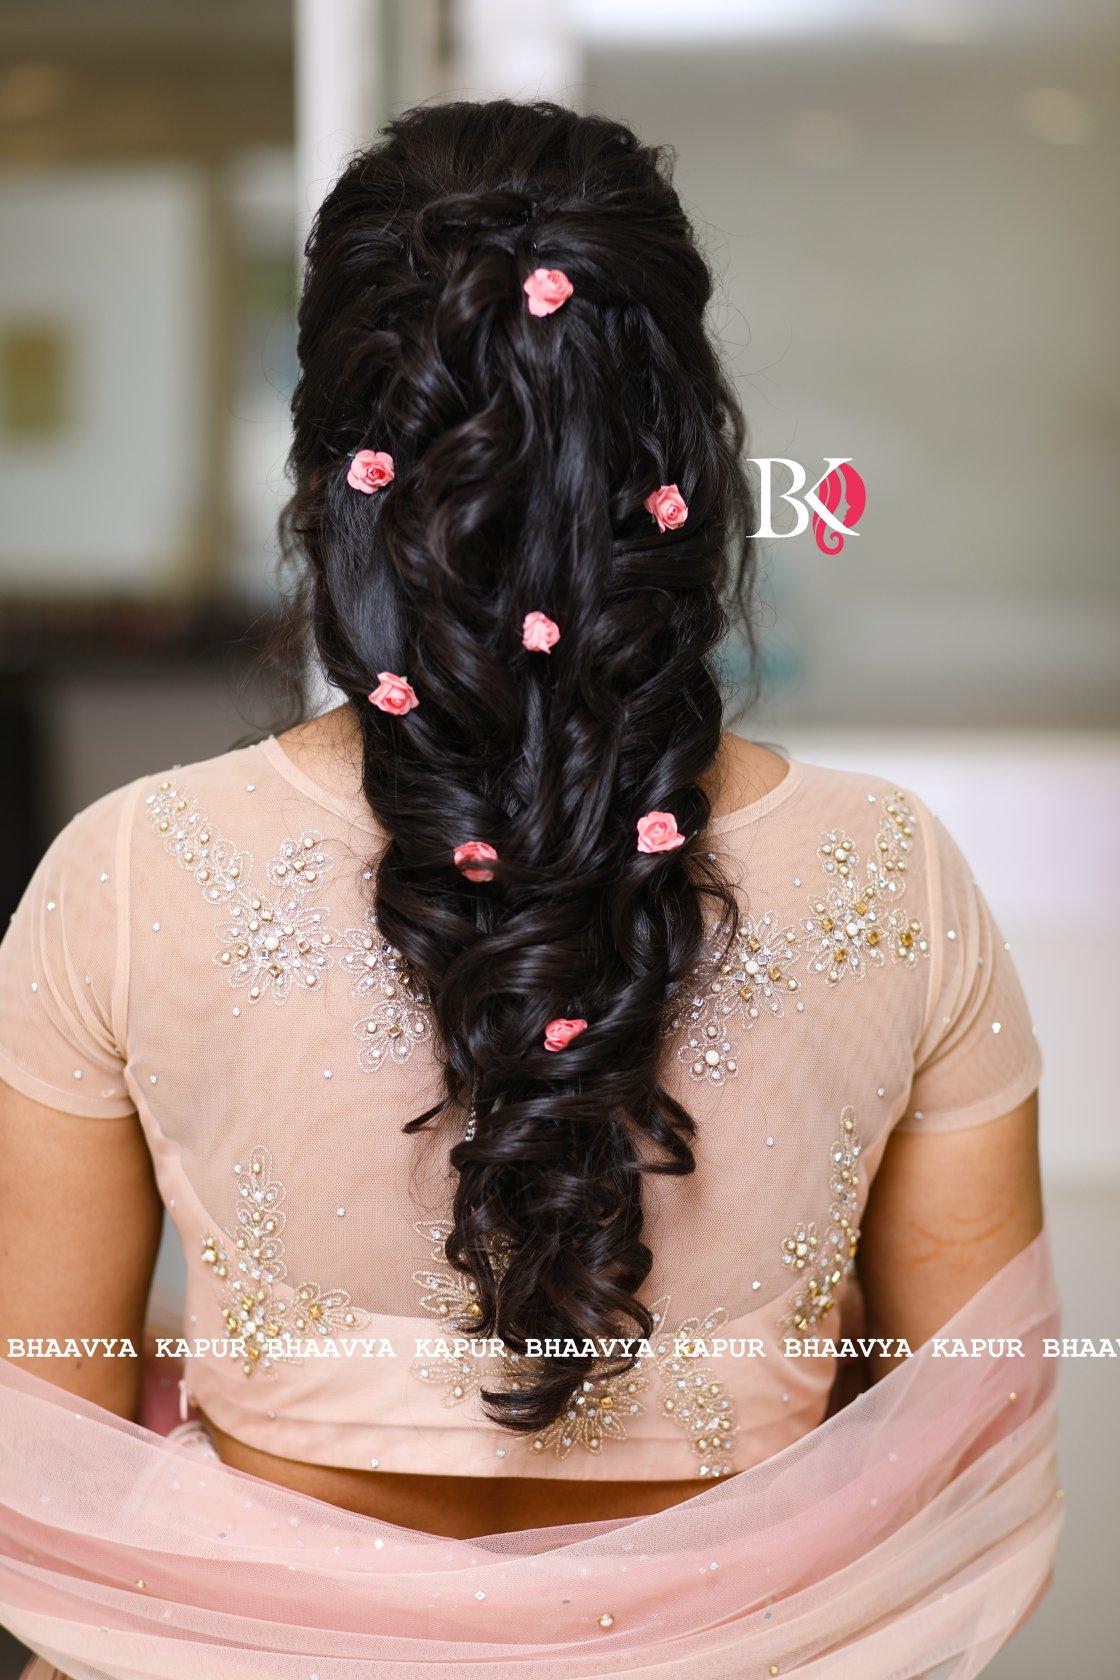 Bk hair Offerss